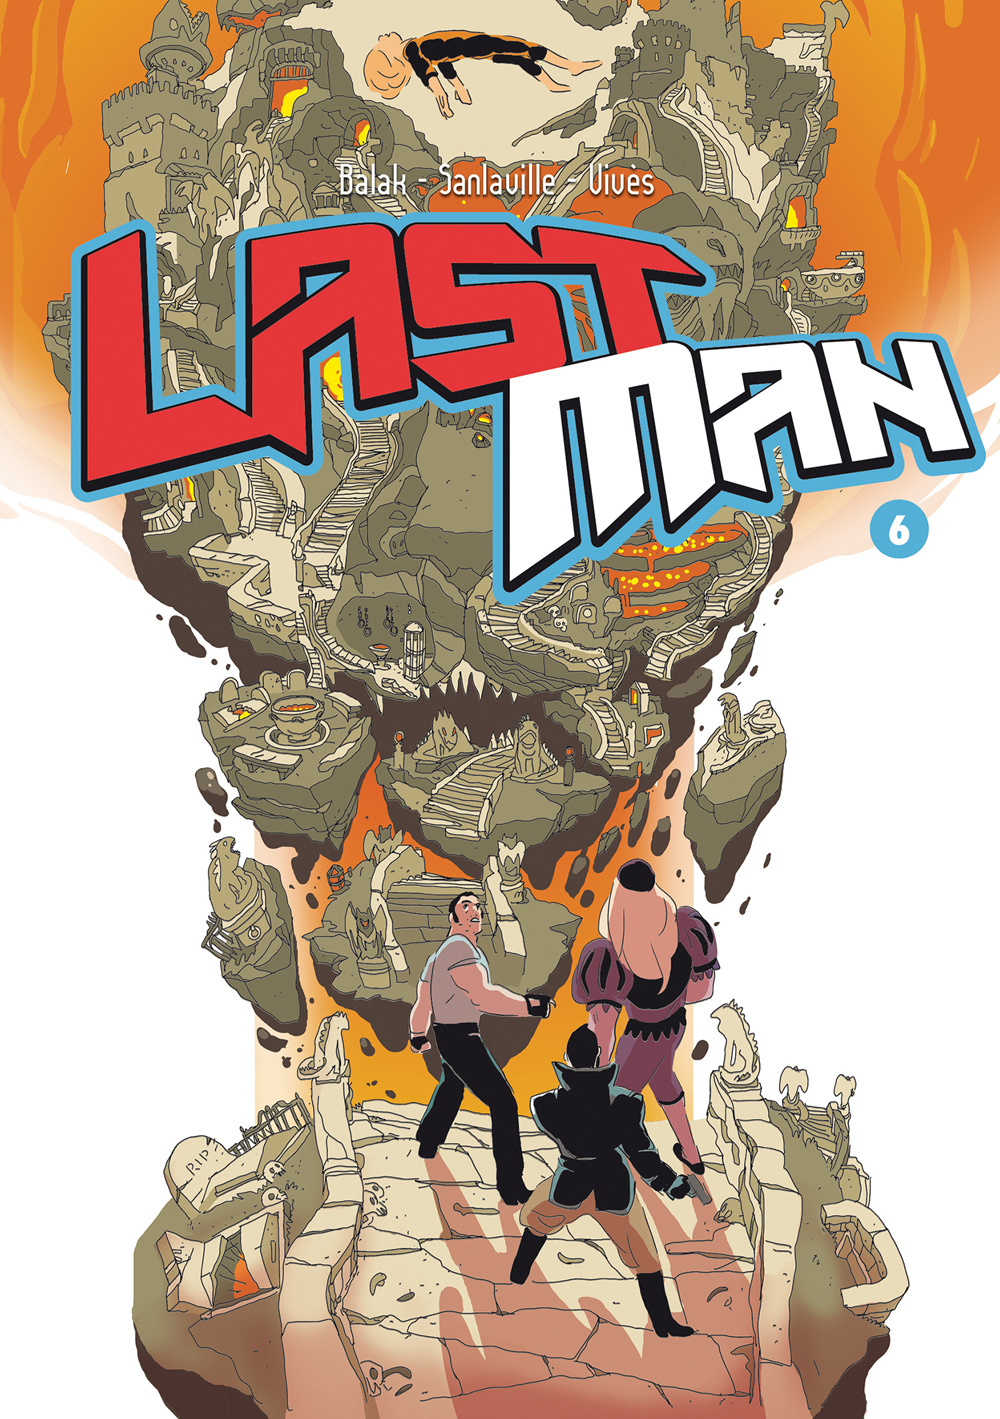 Last Man 6, copertina di Balak